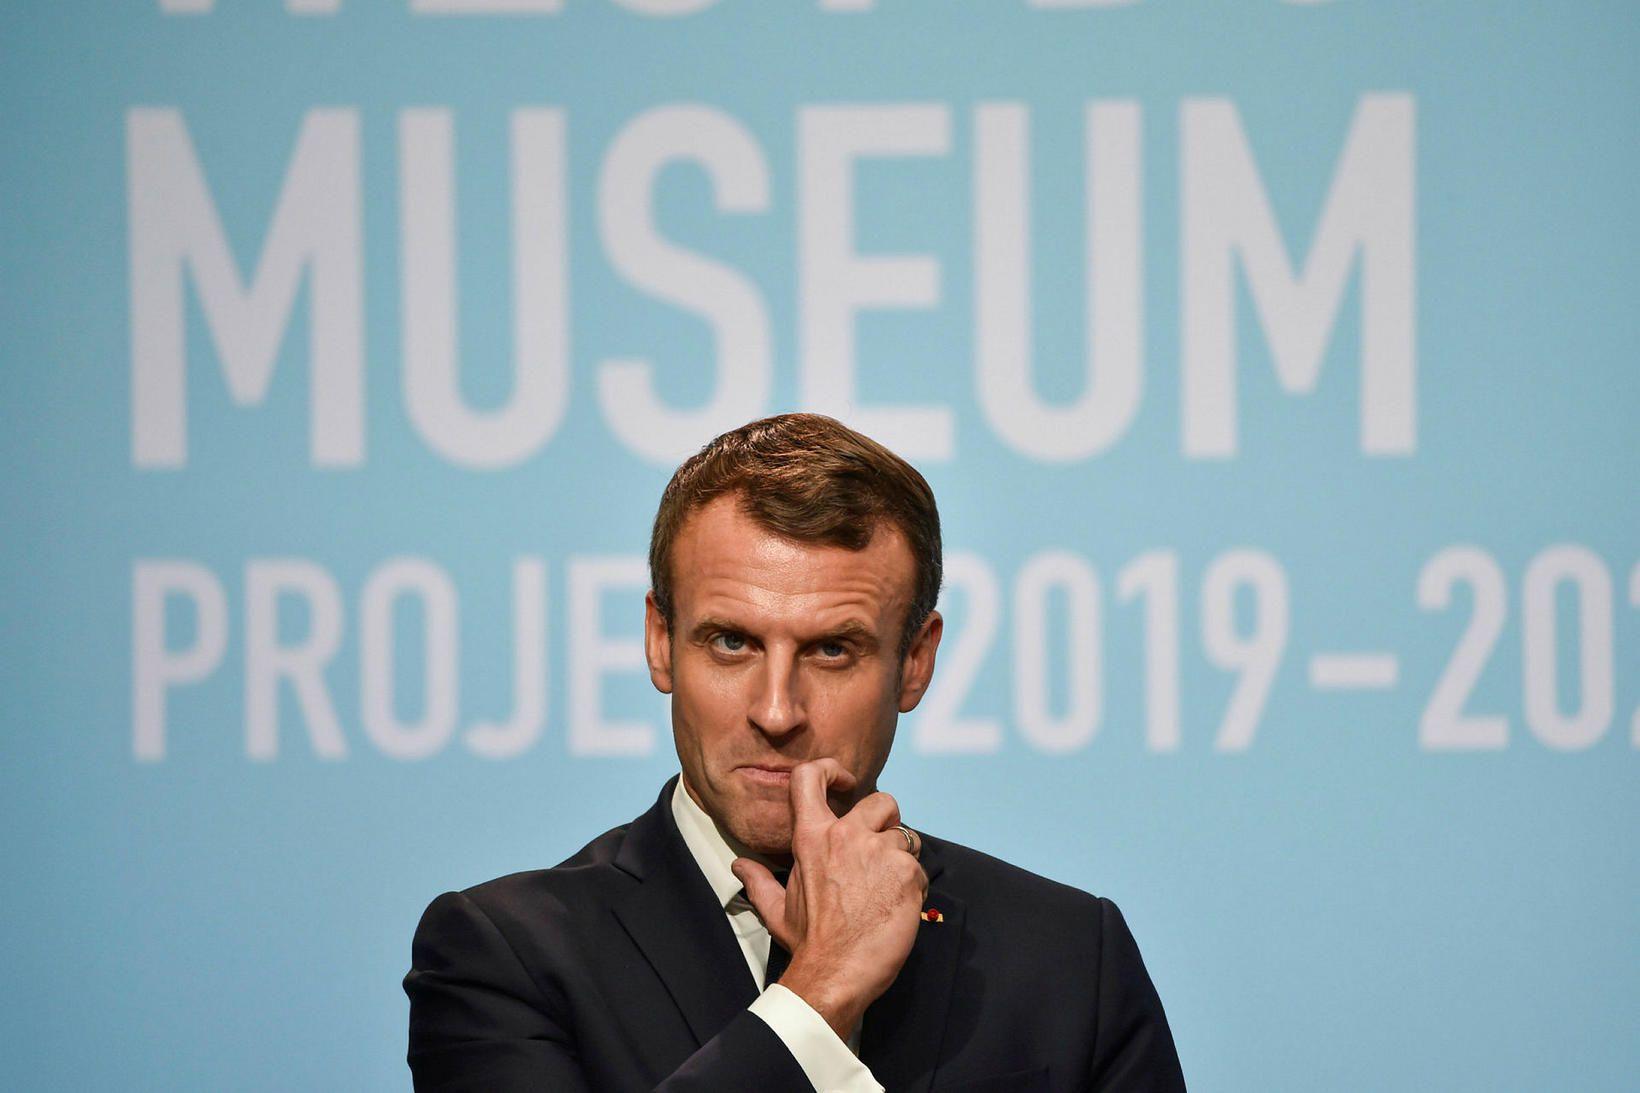 Emmanuel Macron Frakklandsforseti segist ekki vita hvort fimmta grein sáttmála …